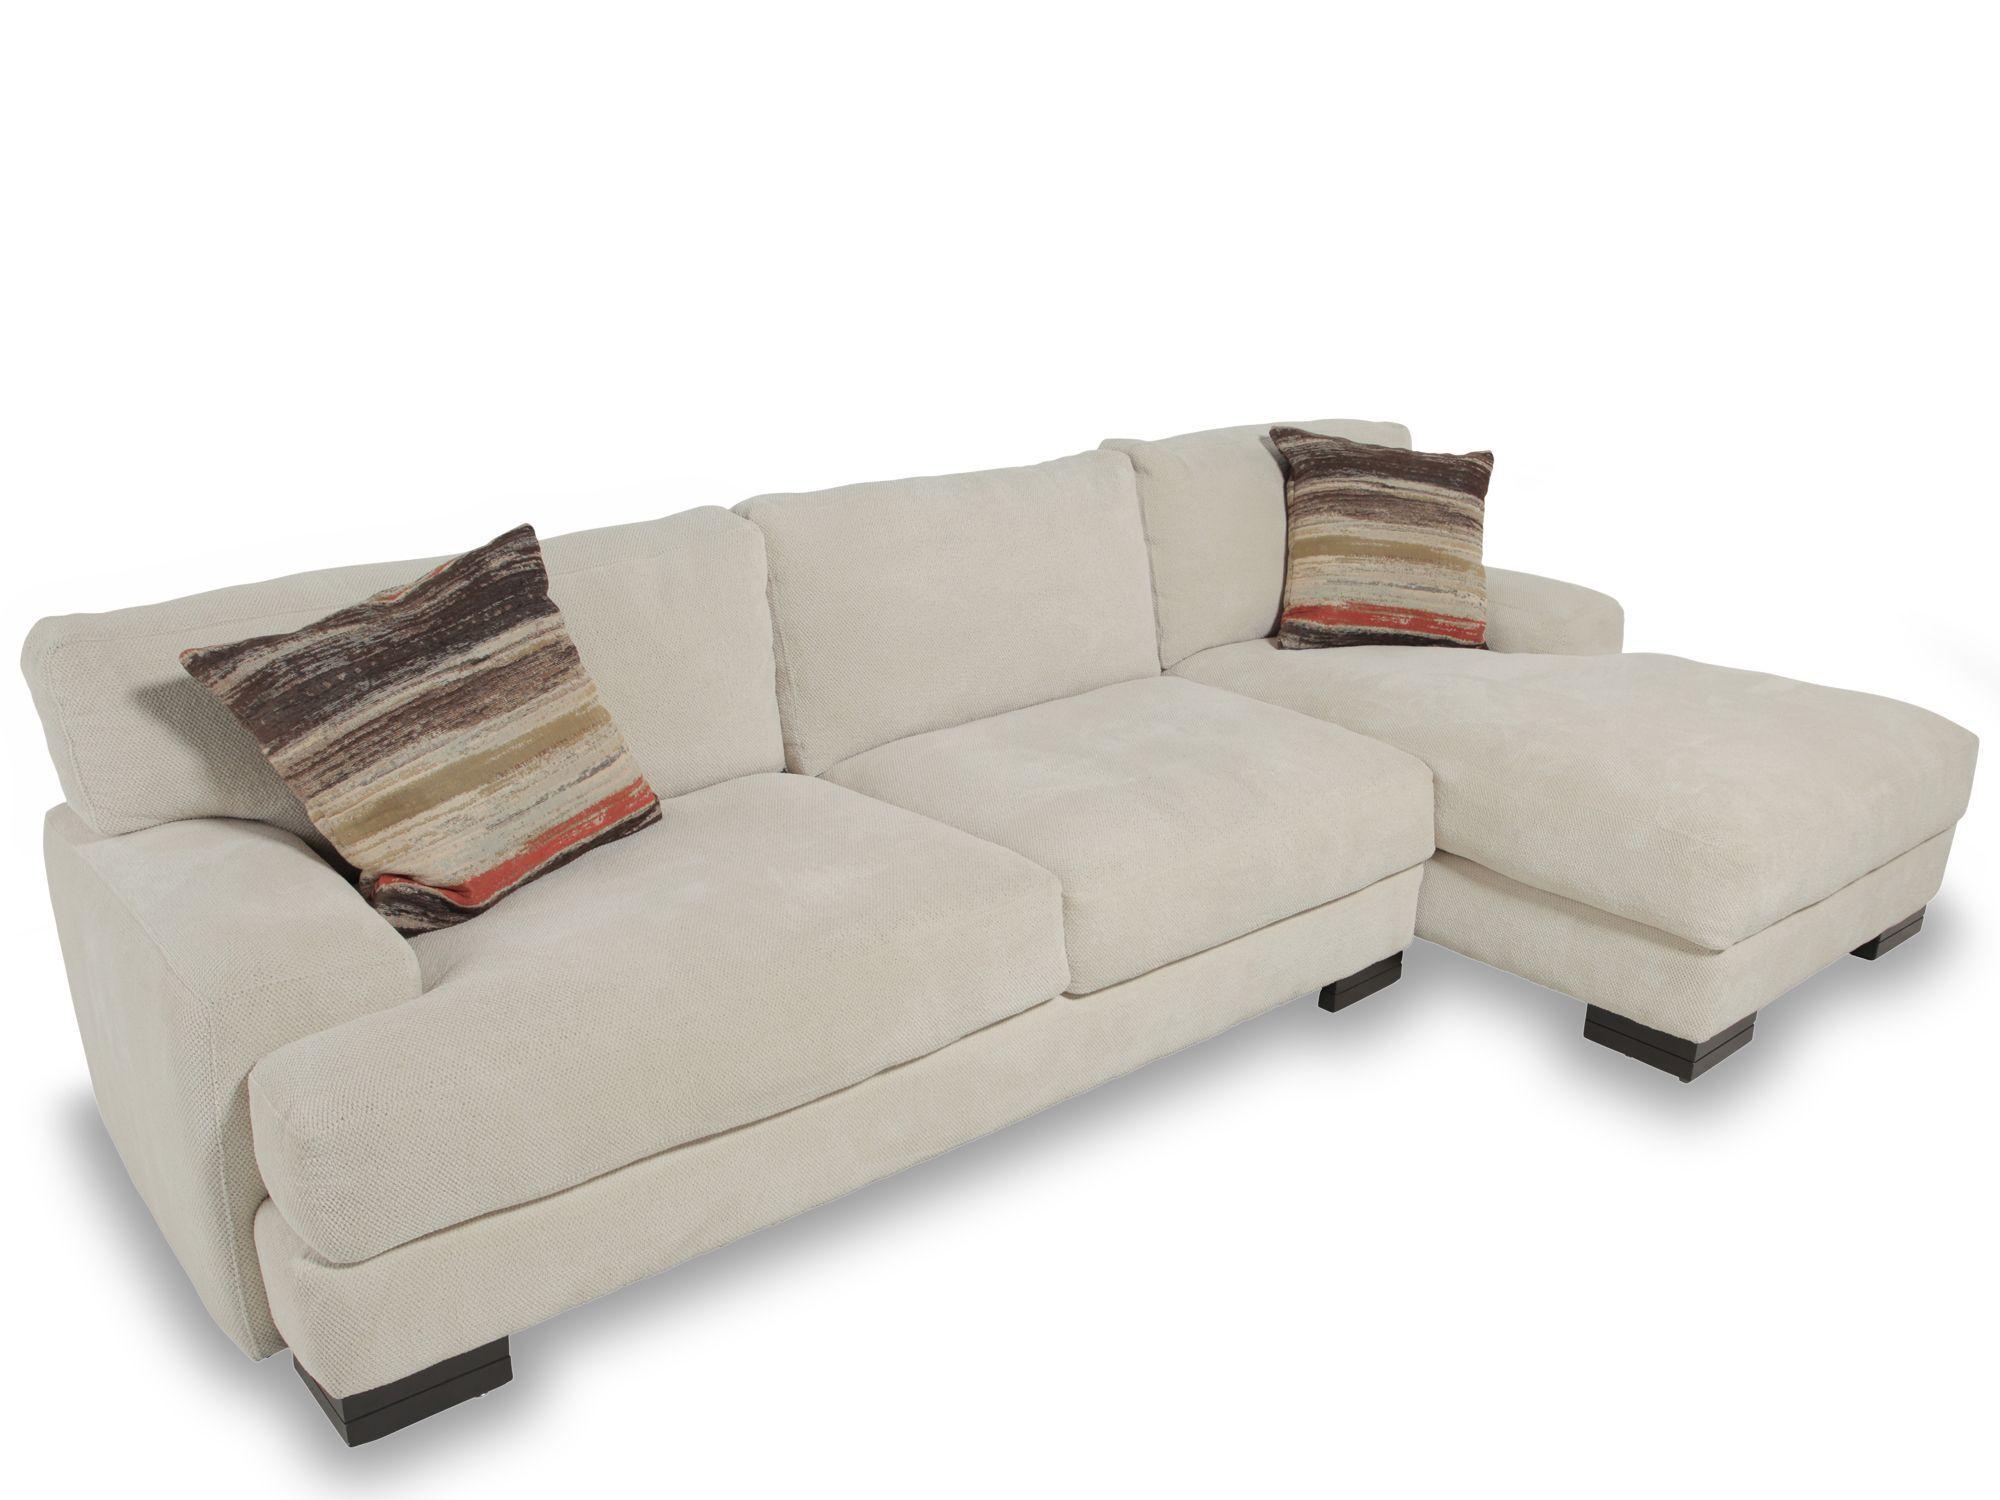 Textured Hybrid Sofa In Cream